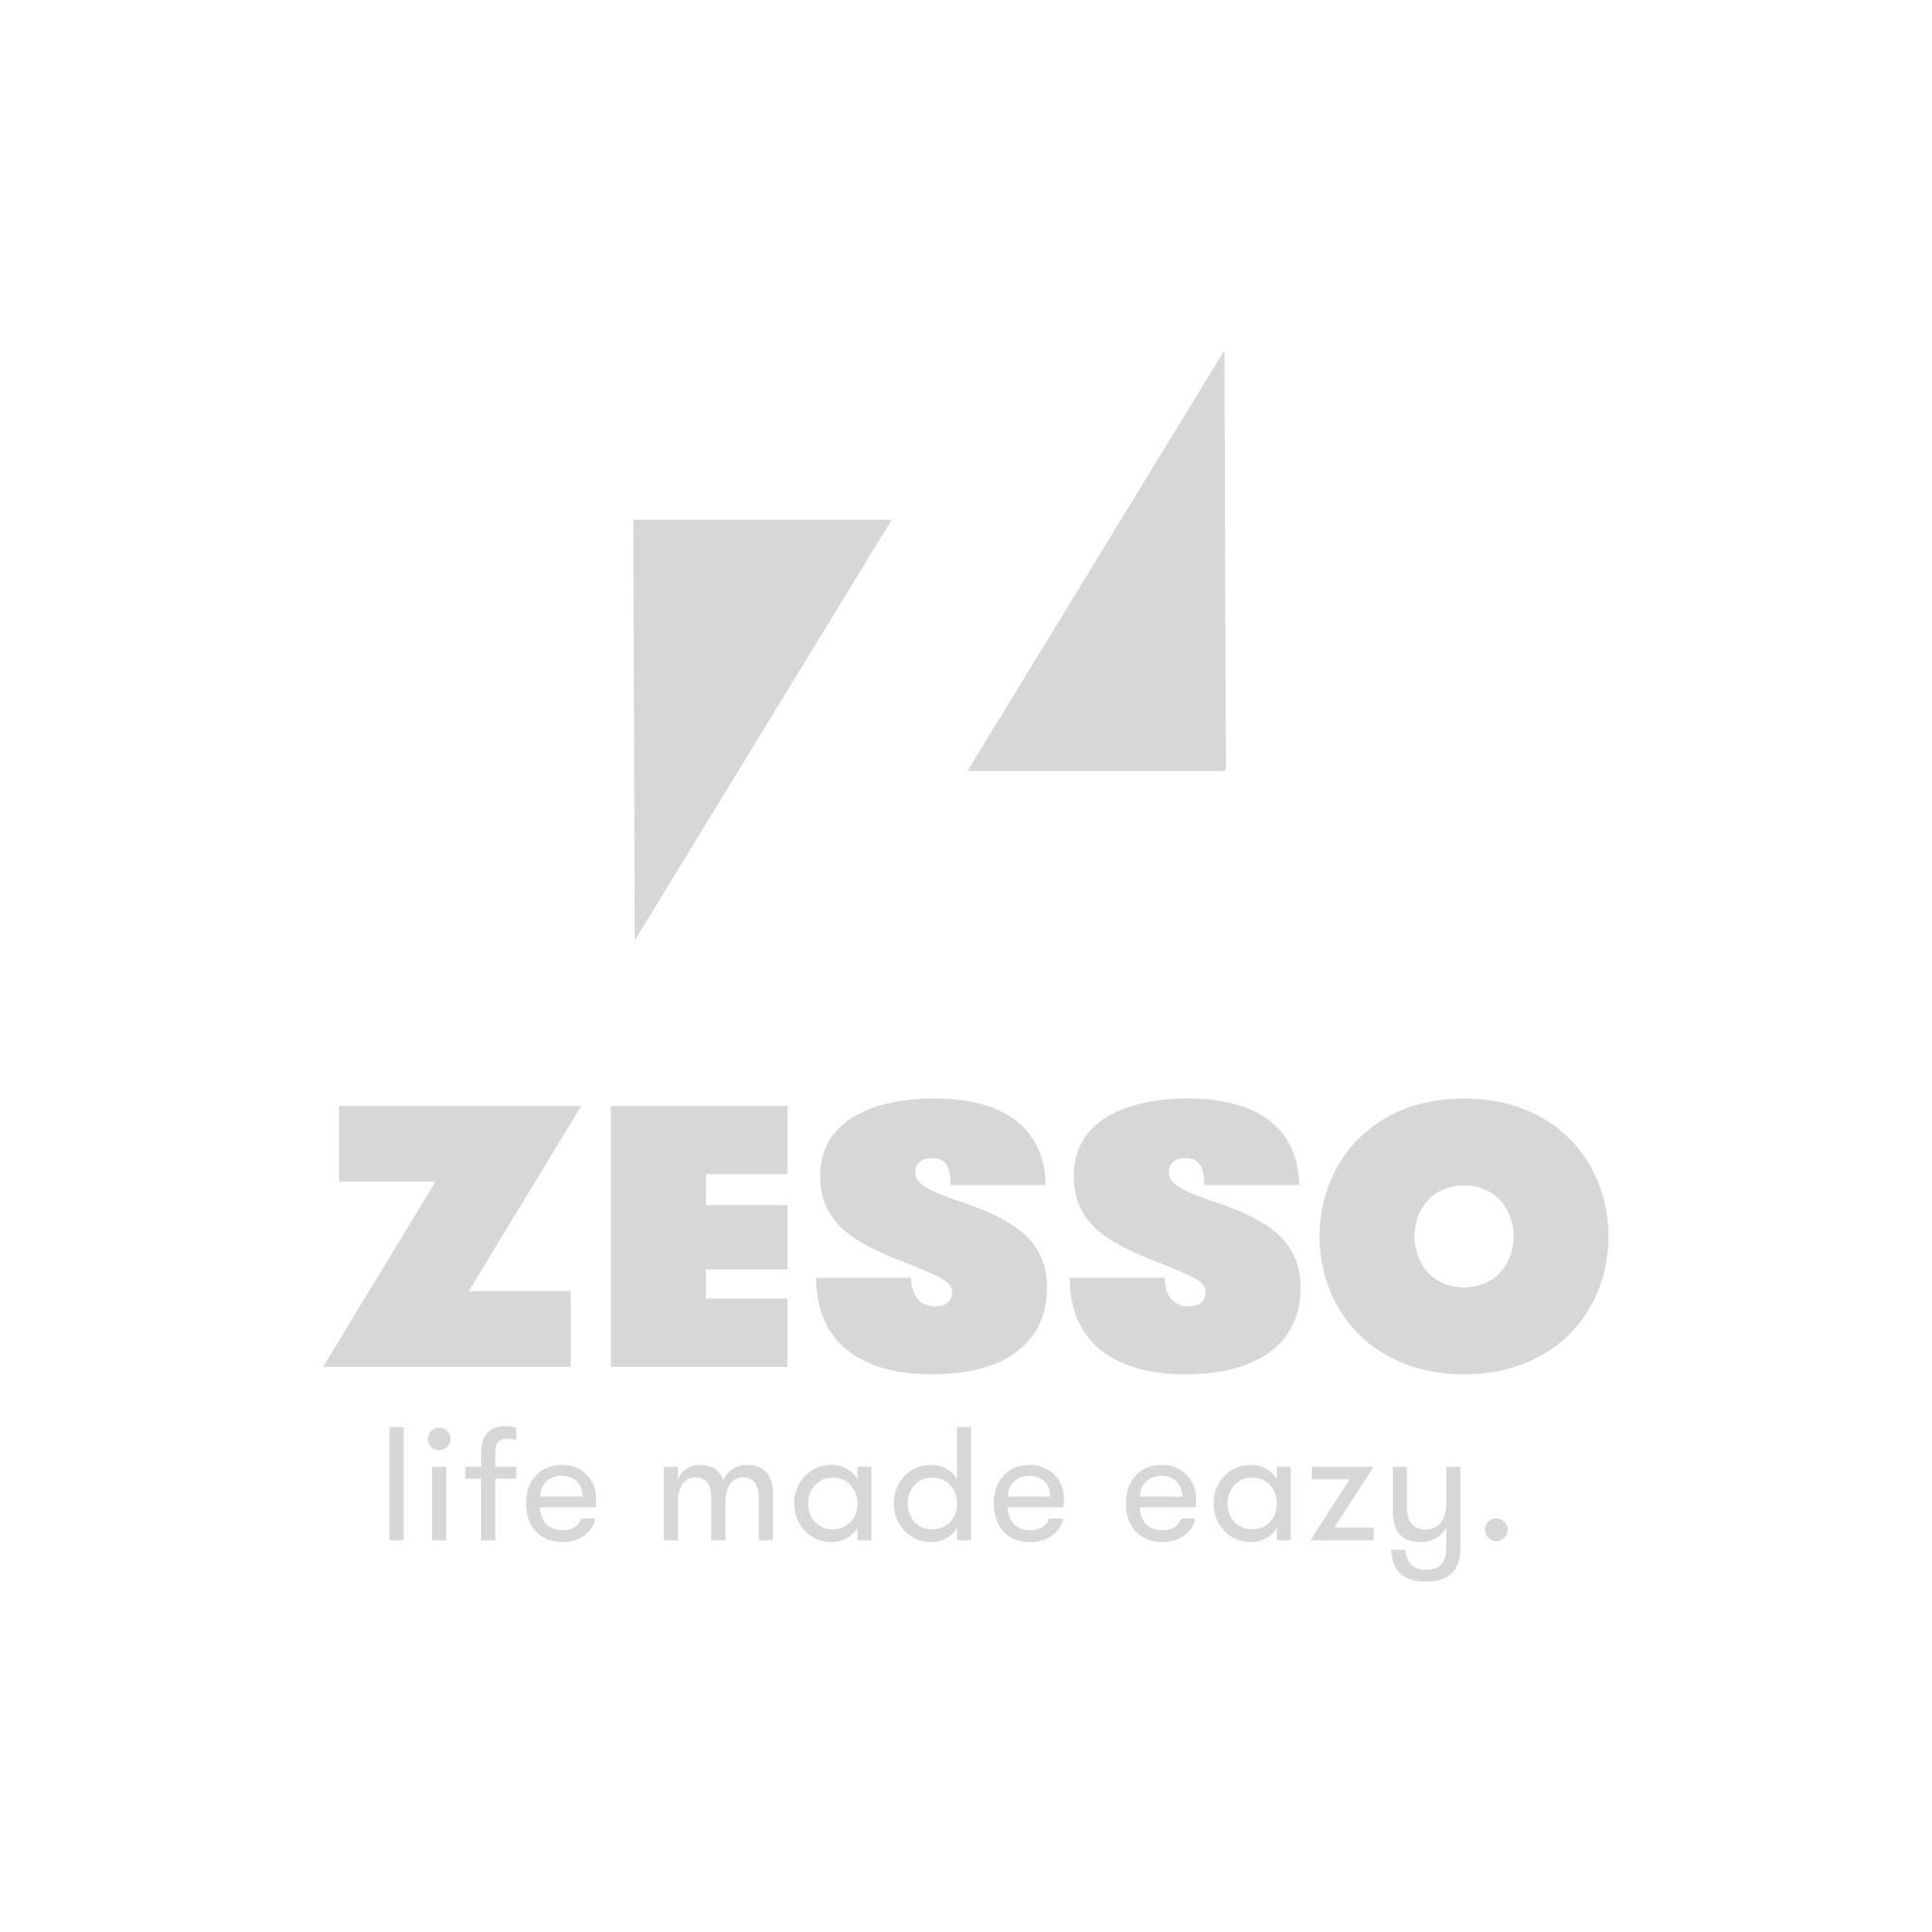 Audi Tts Roadster Voiture Électrique Pour Enfants Blanc 12V